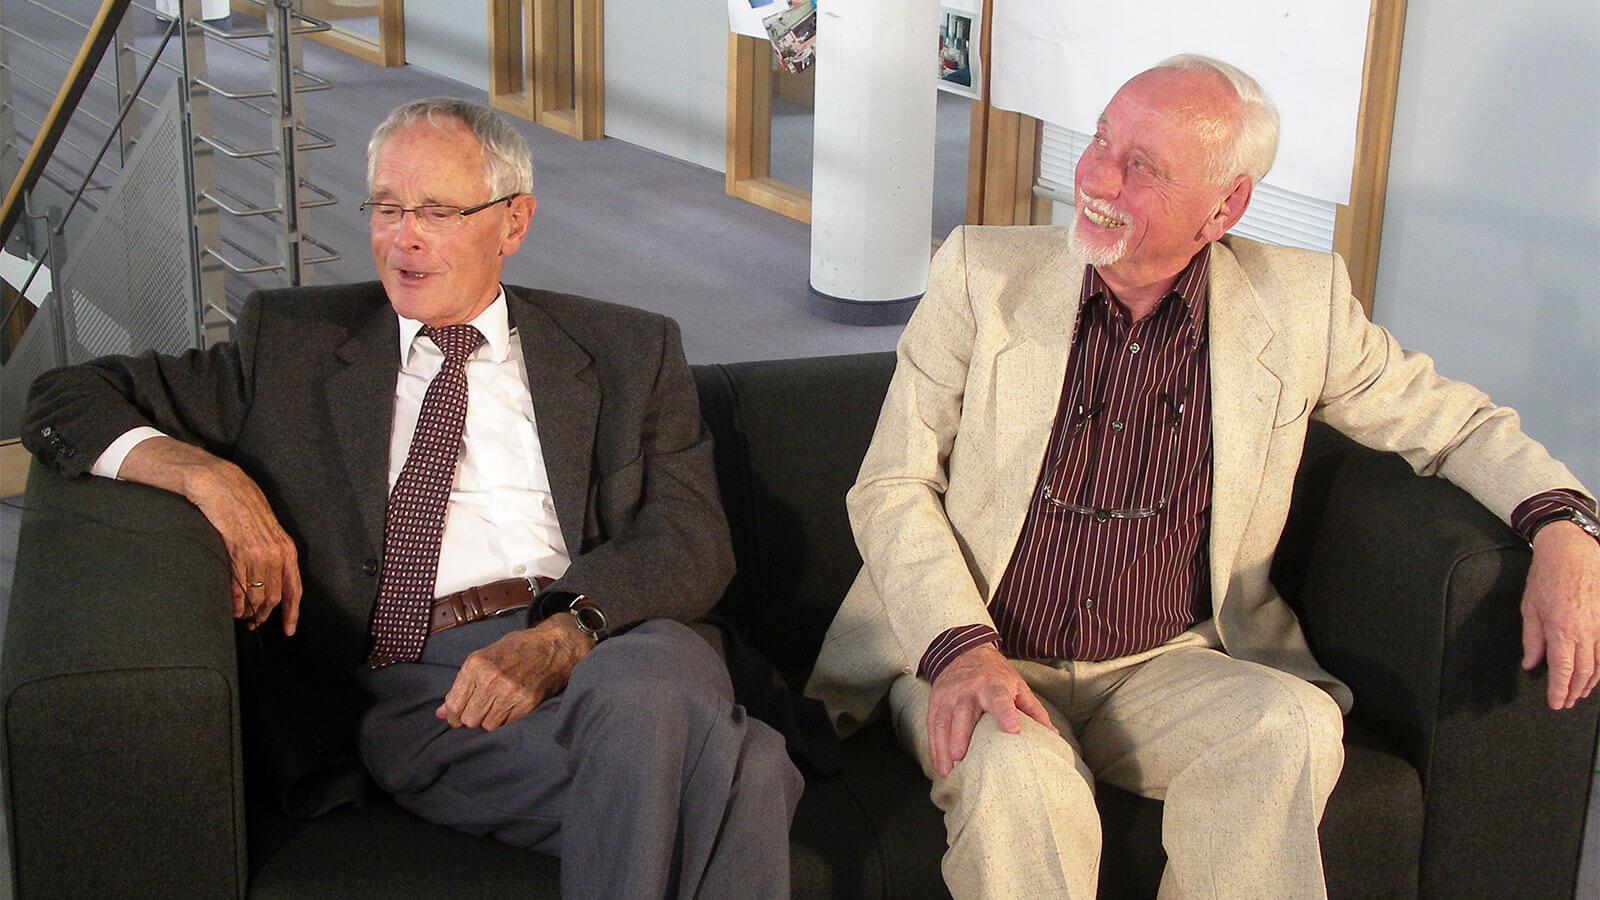 Carl-Wilhelm Edding ve Volker Detlef Ledermann